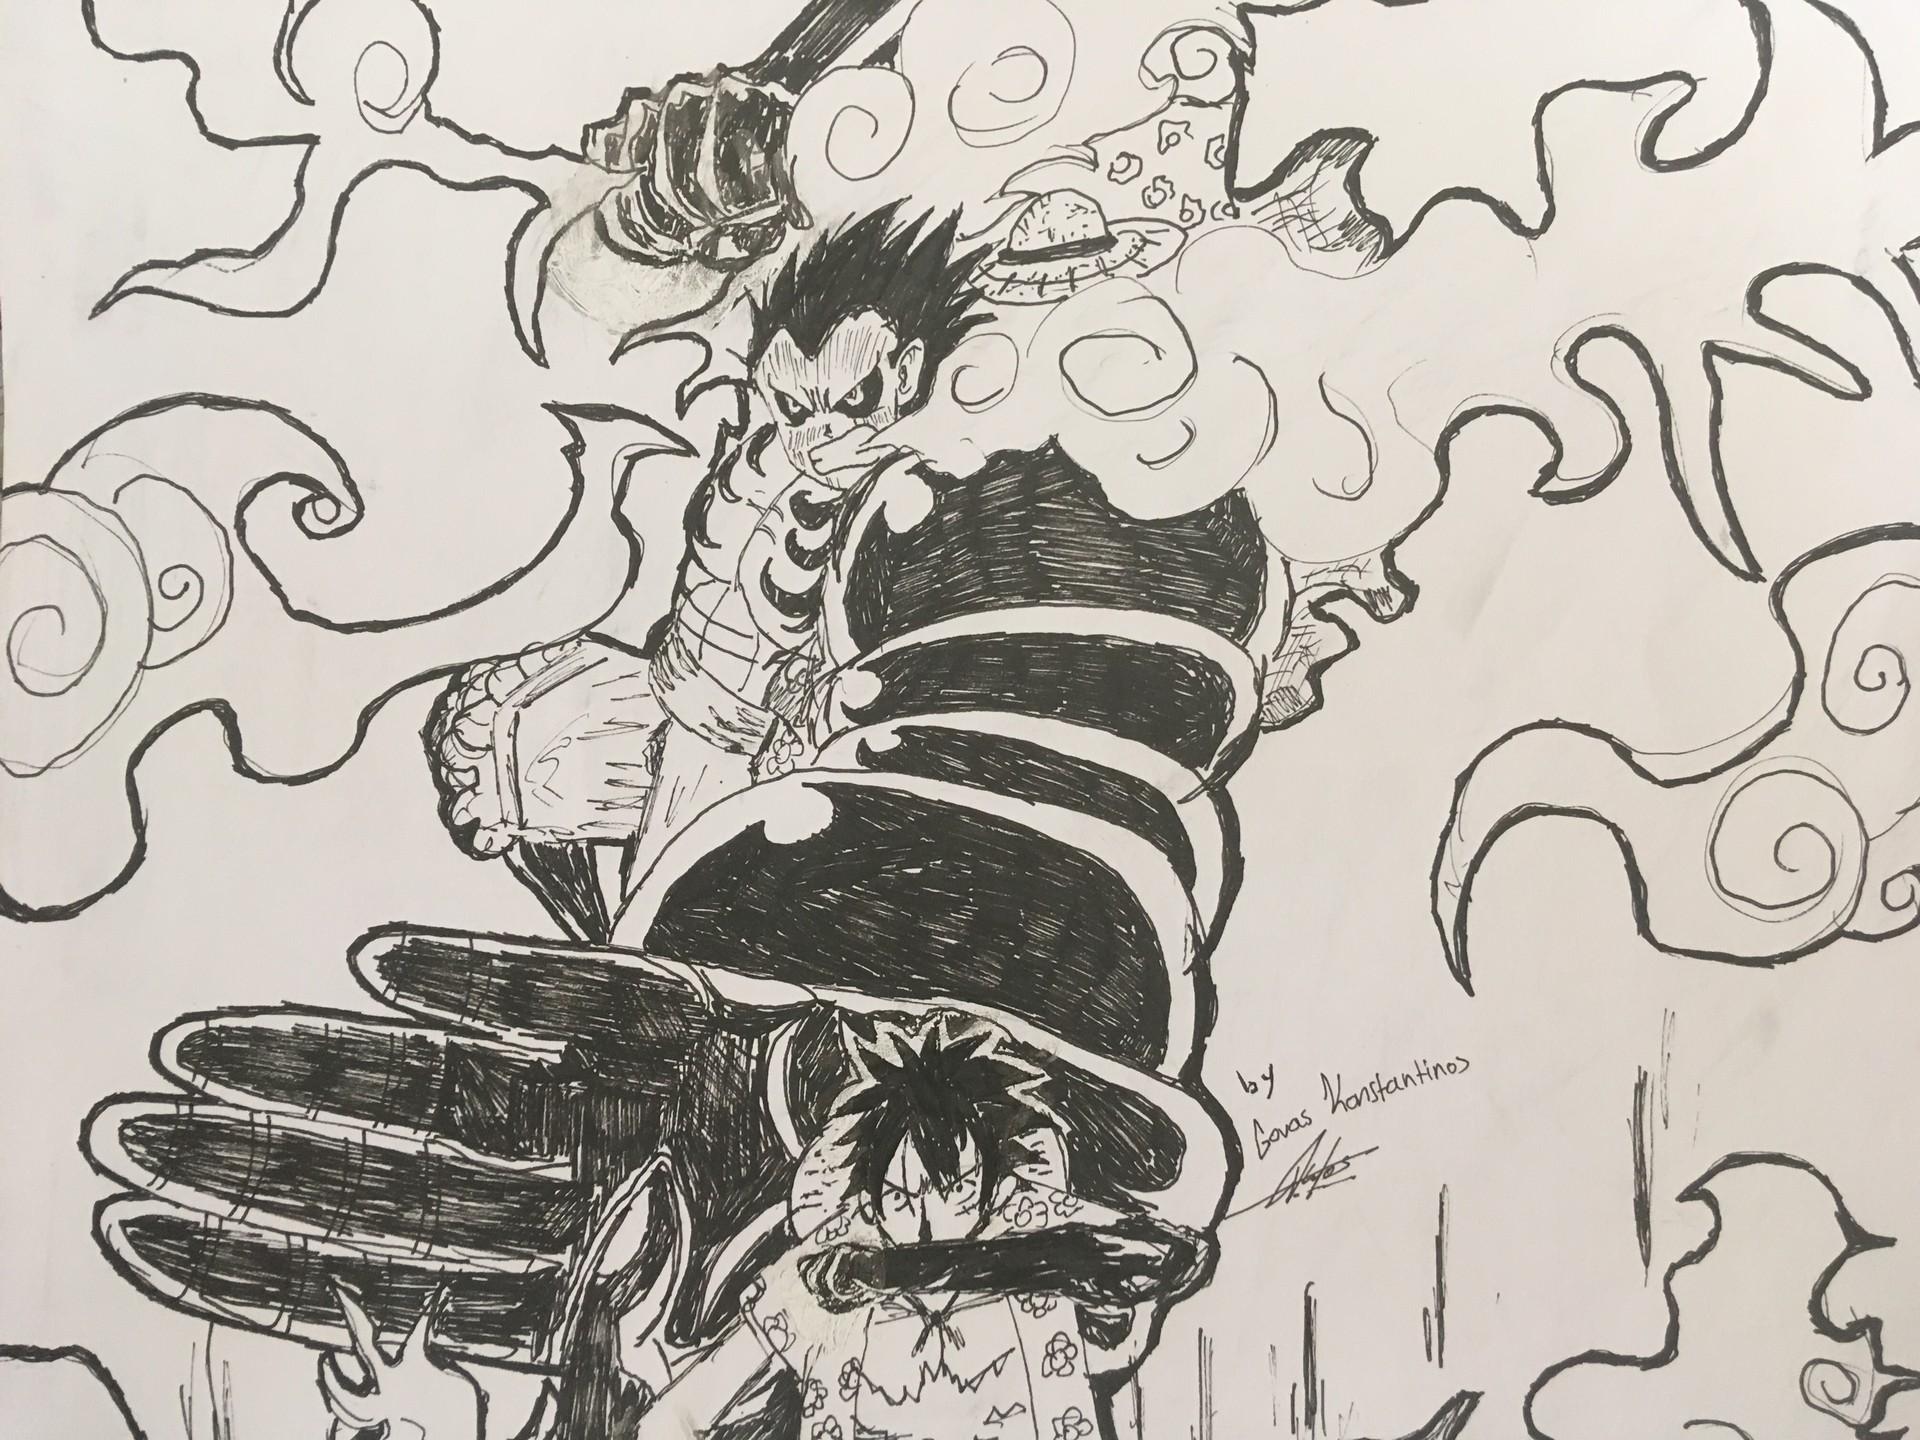 Songoku Gr Monkey D Luffy Gear 4